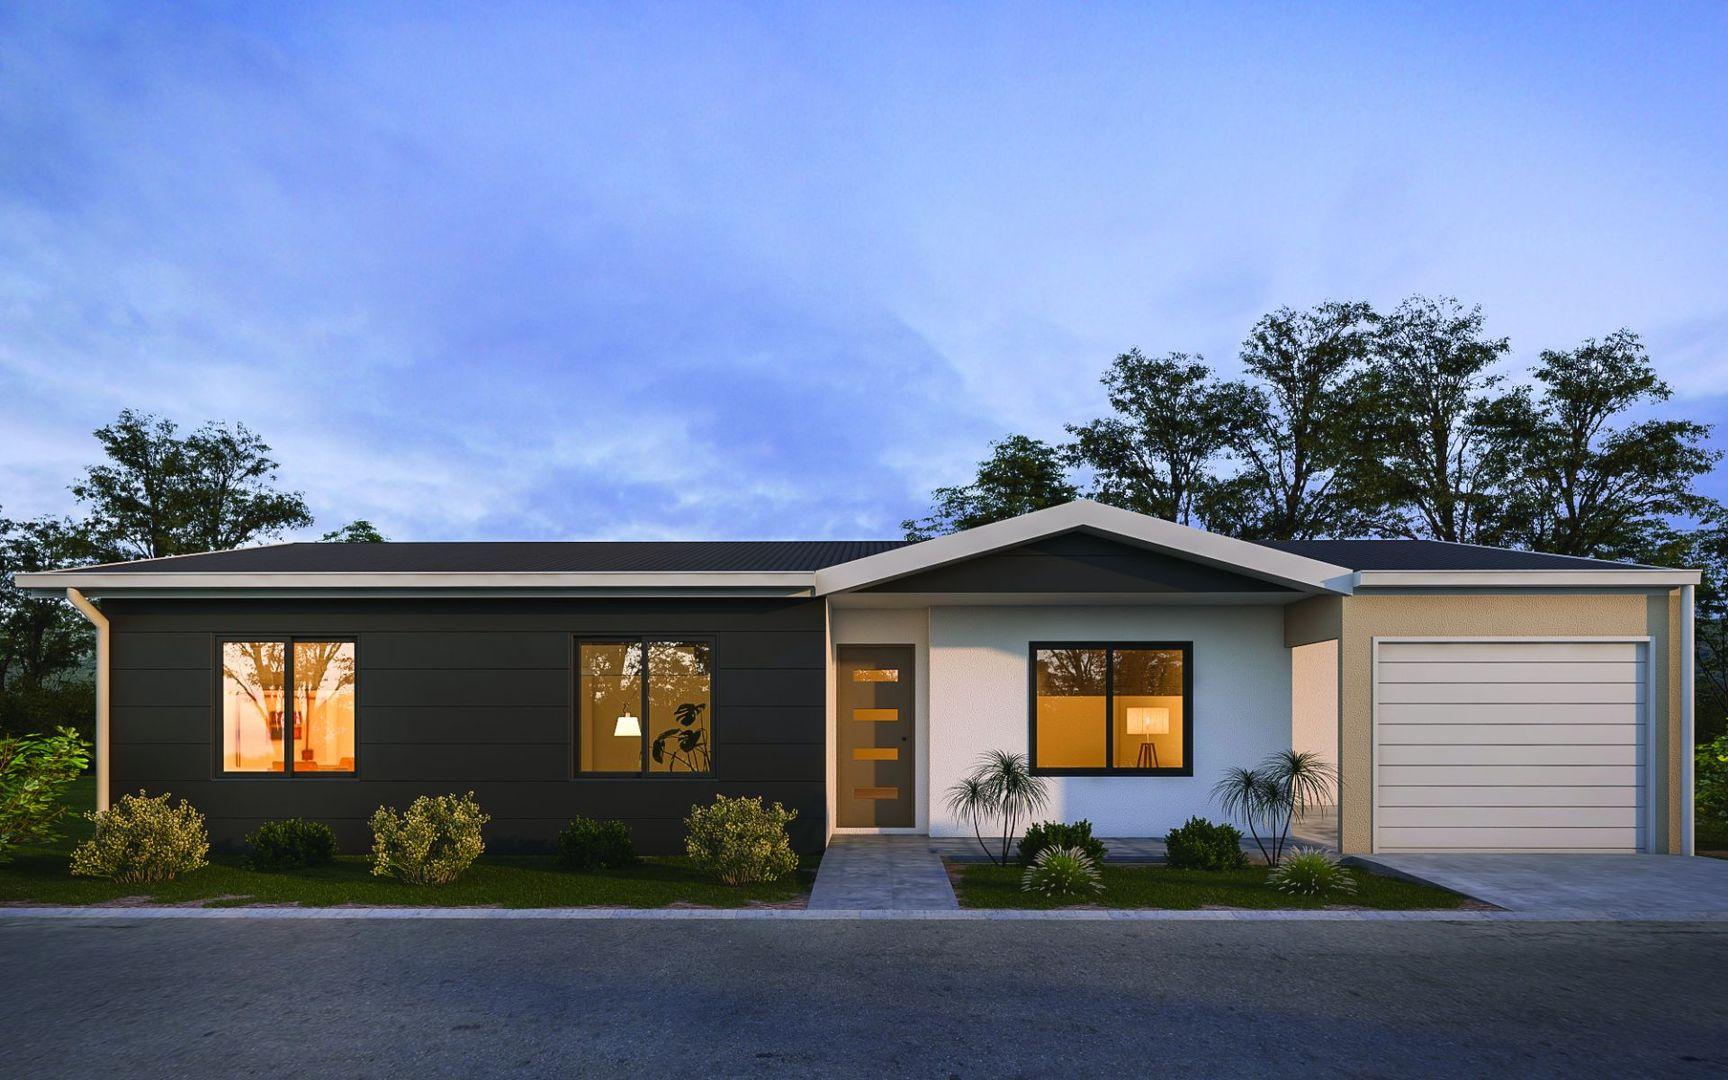 124/905 Manly Road, Tingalpa QLD 4173, Image 0